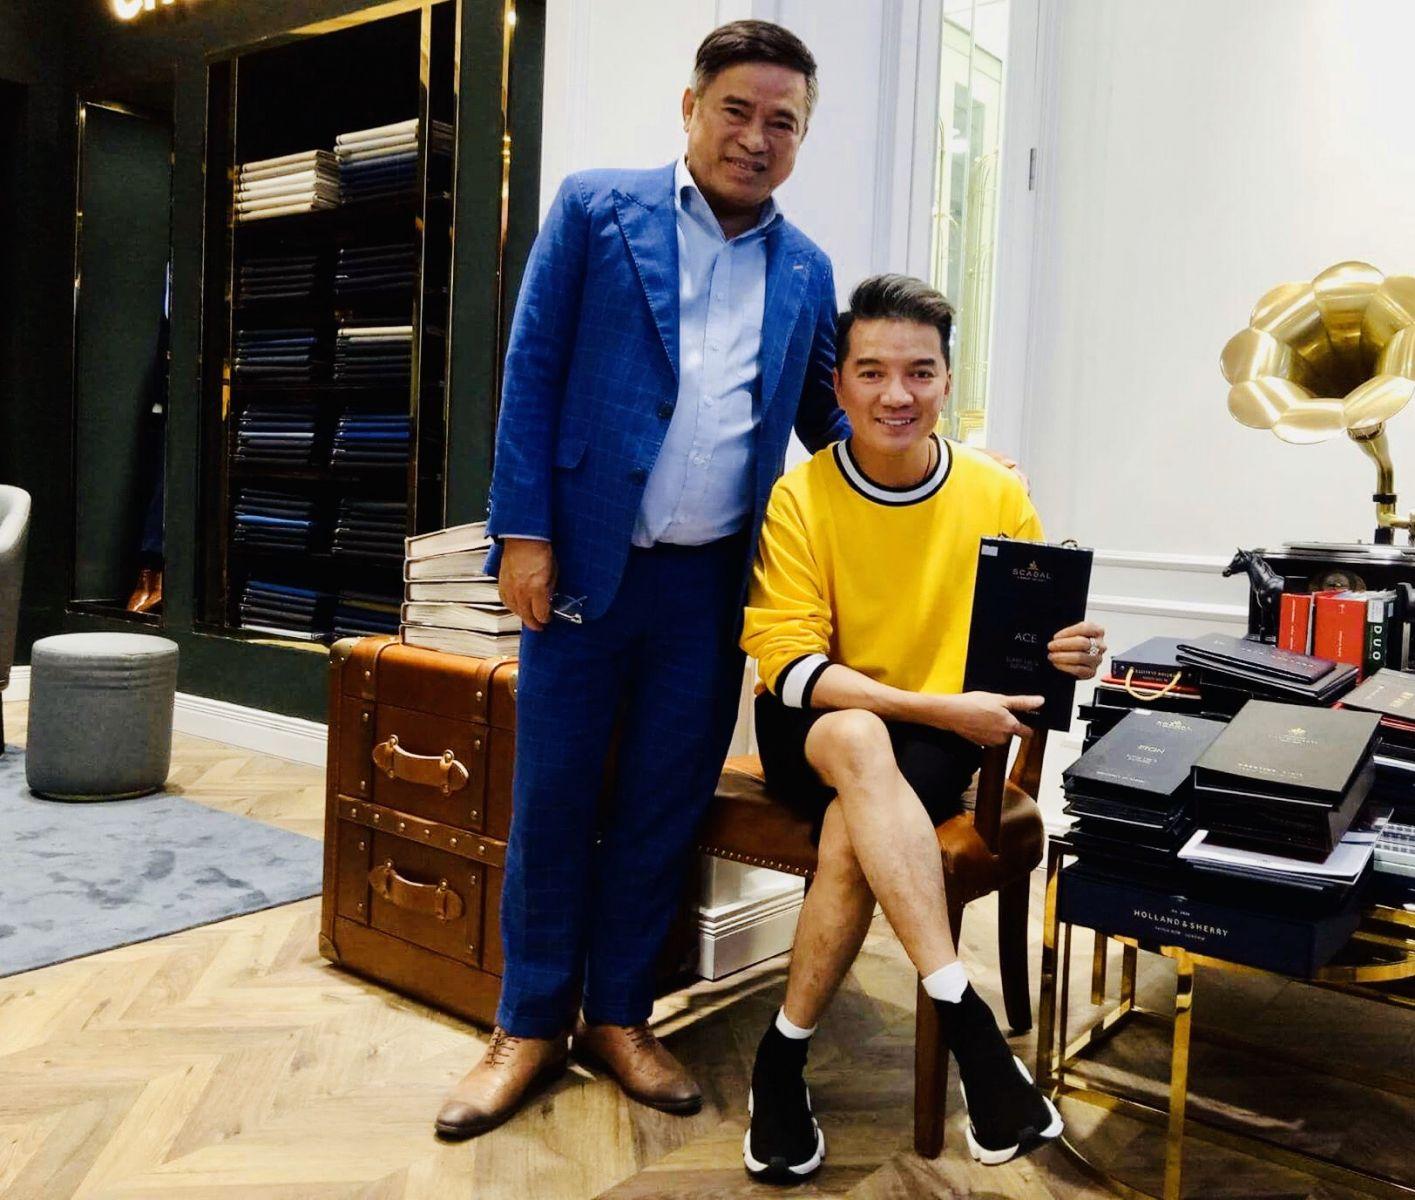 Nghệ nhân Quốc gia Dương Chánh Đại NGƯỜI THỔI HỒN CHO PHONG CÁCH THỜI TRANG NAM